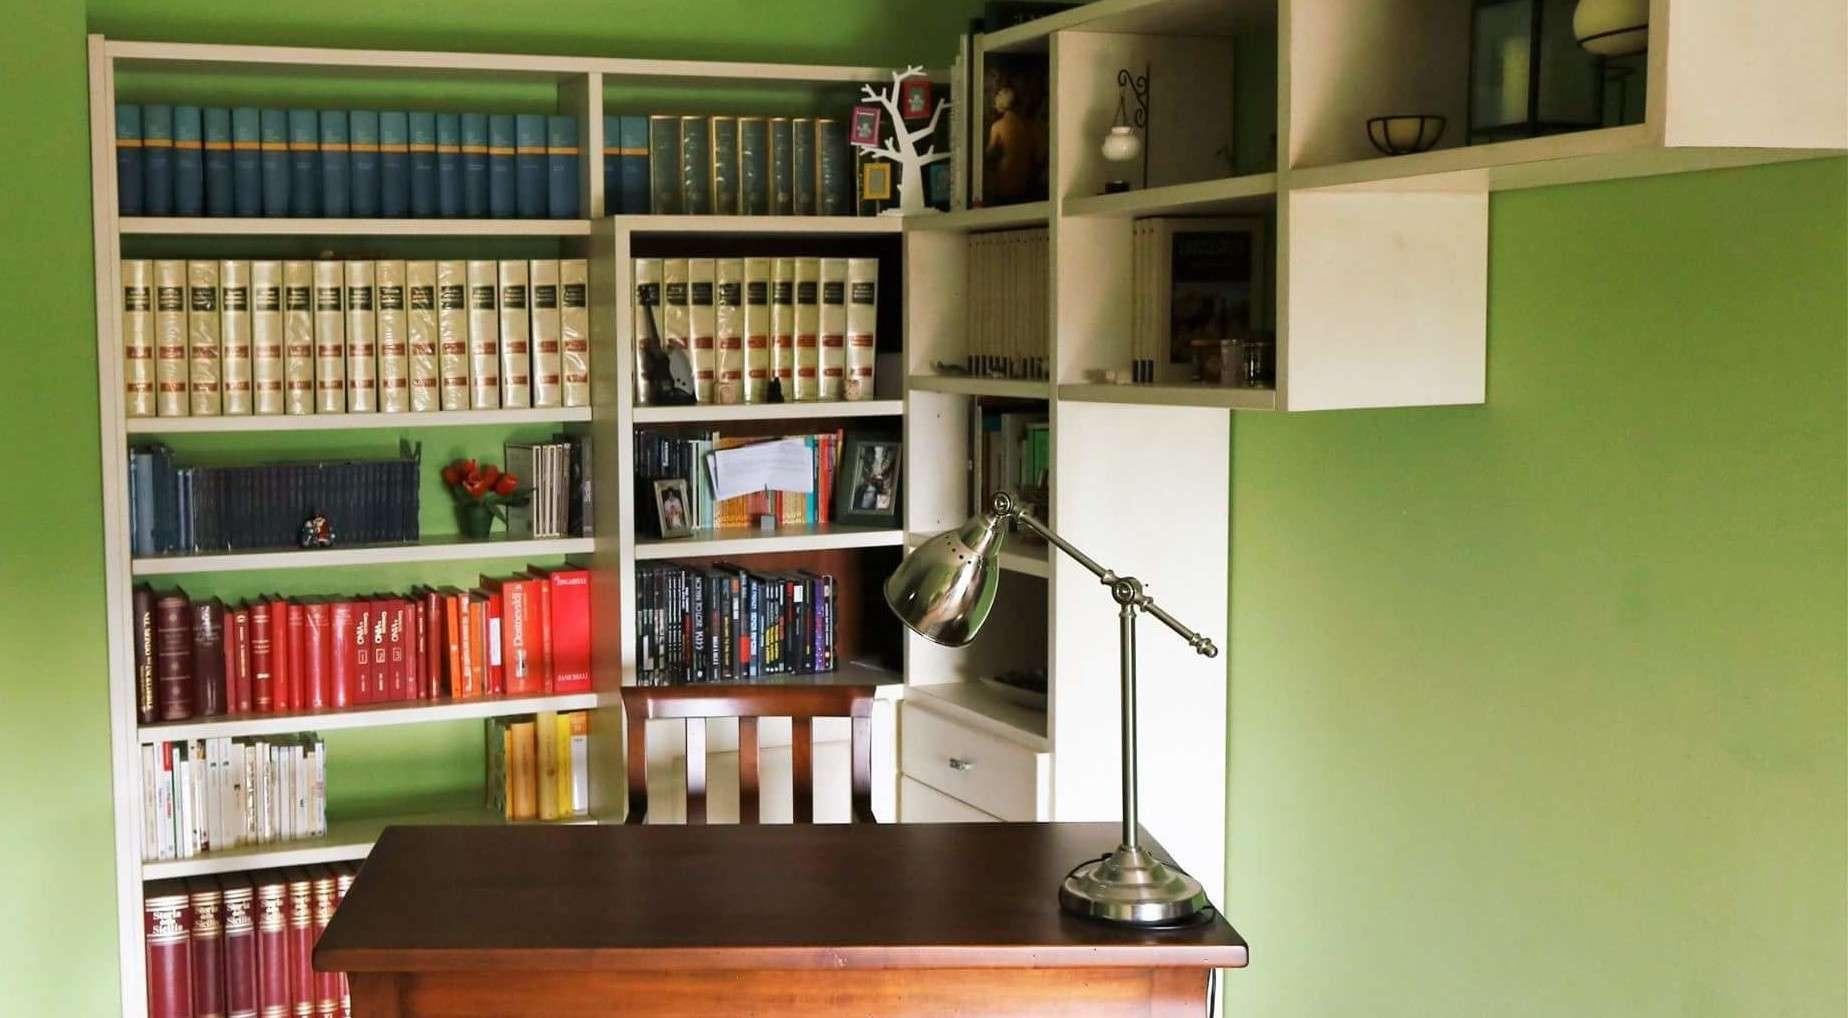 angolo studio in soggiorno - questioni di arredamento - Creare Angolo Studio In Soggiorno 2